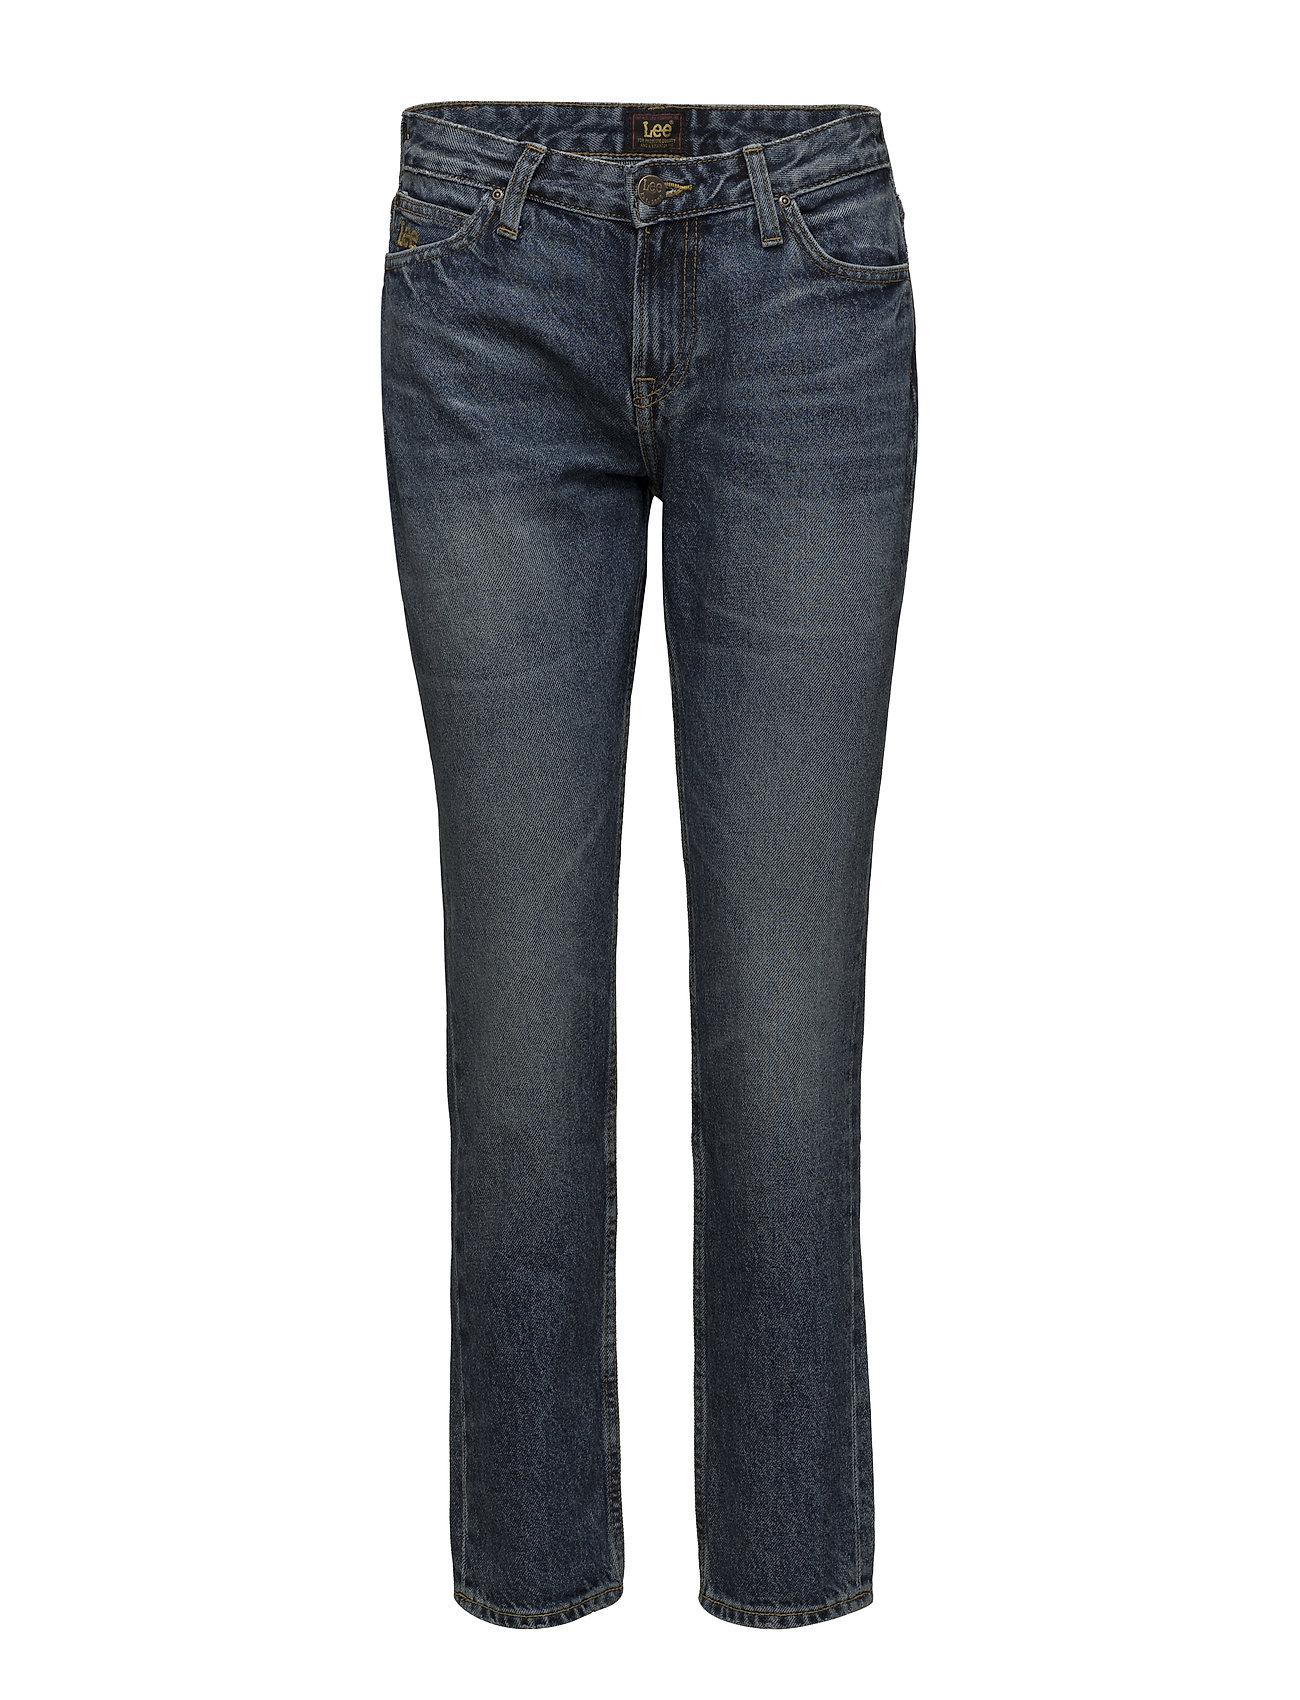 Lee Jeans ELLY - VINTAGE WORN